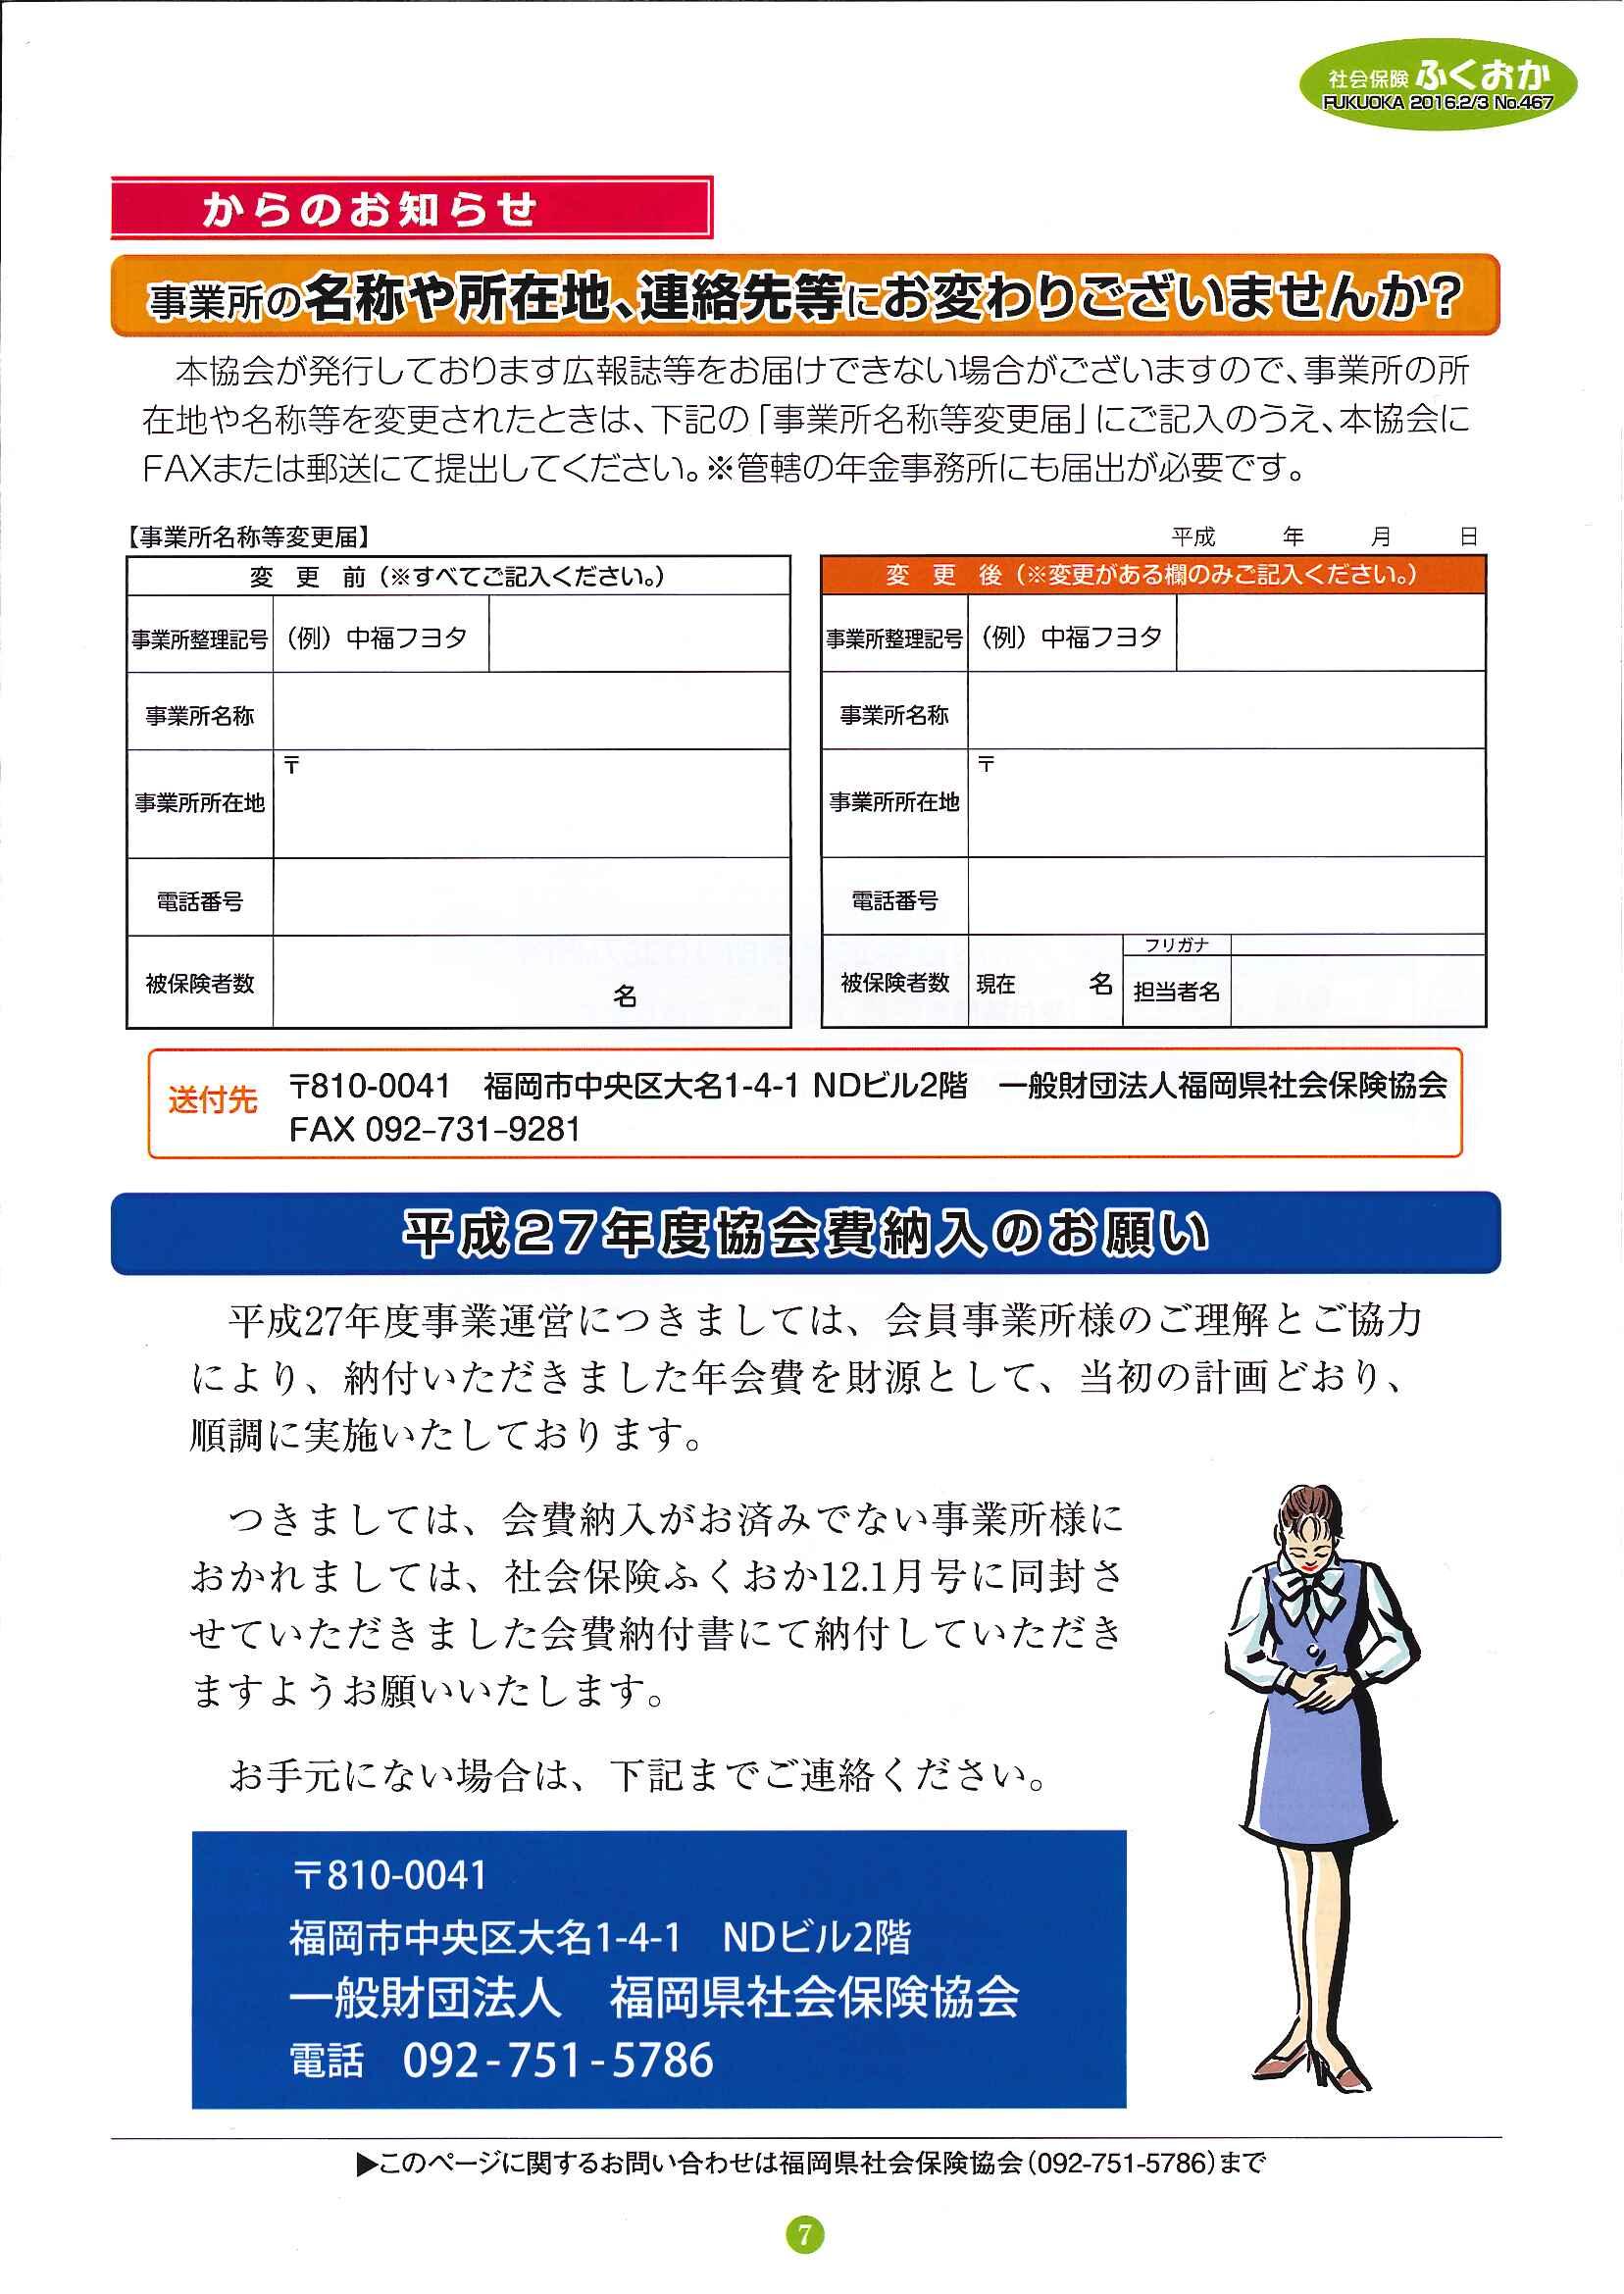 社会保険 「ふくおか」 2016年2・3月号_f0120774_16251411.jpg